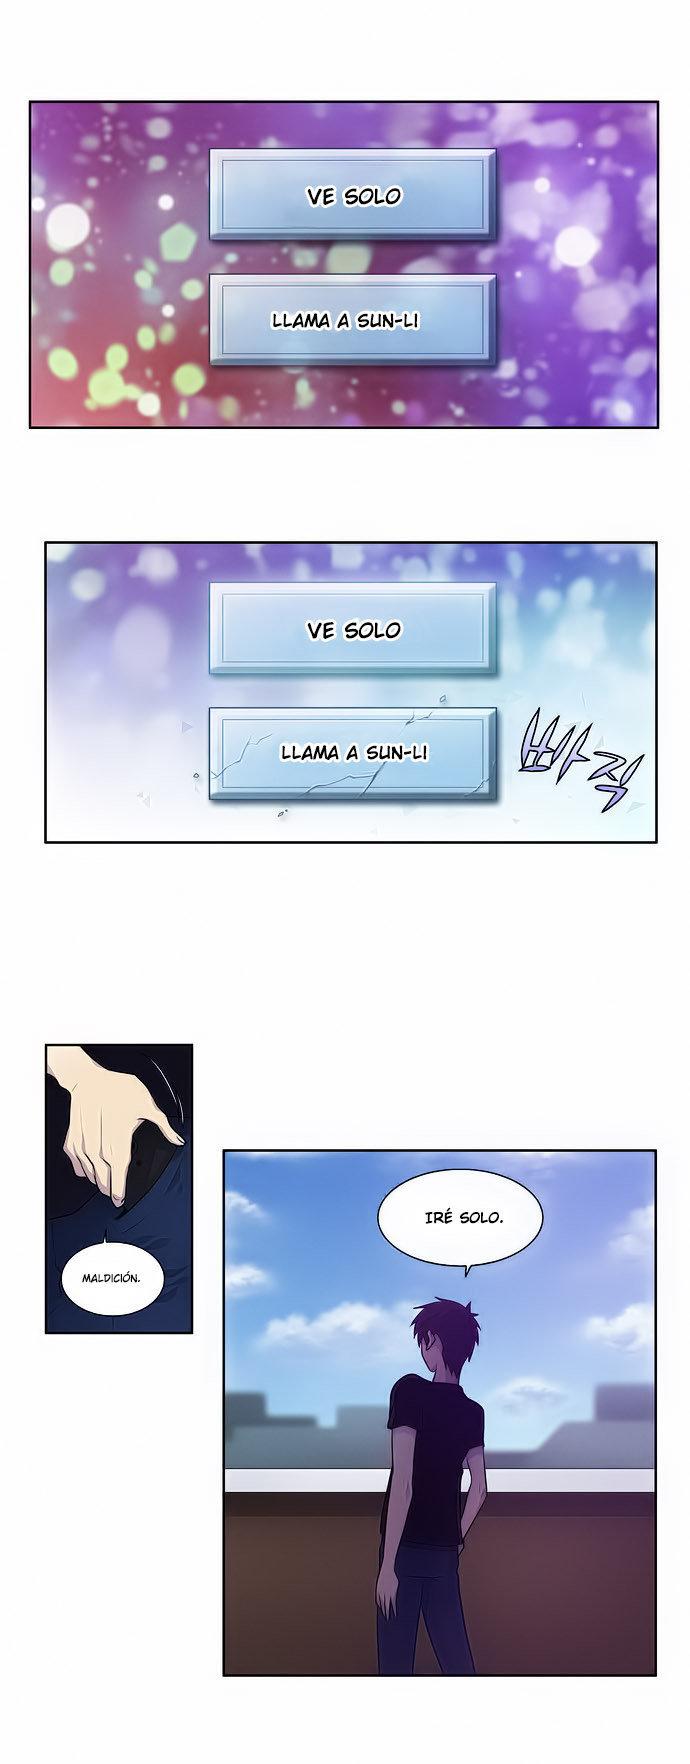 https://c5.ninemanga.com/es_manga/61/1725/439977/9f15ebd9884fb6a44f873d4bdf41aebc.jpg Page 10